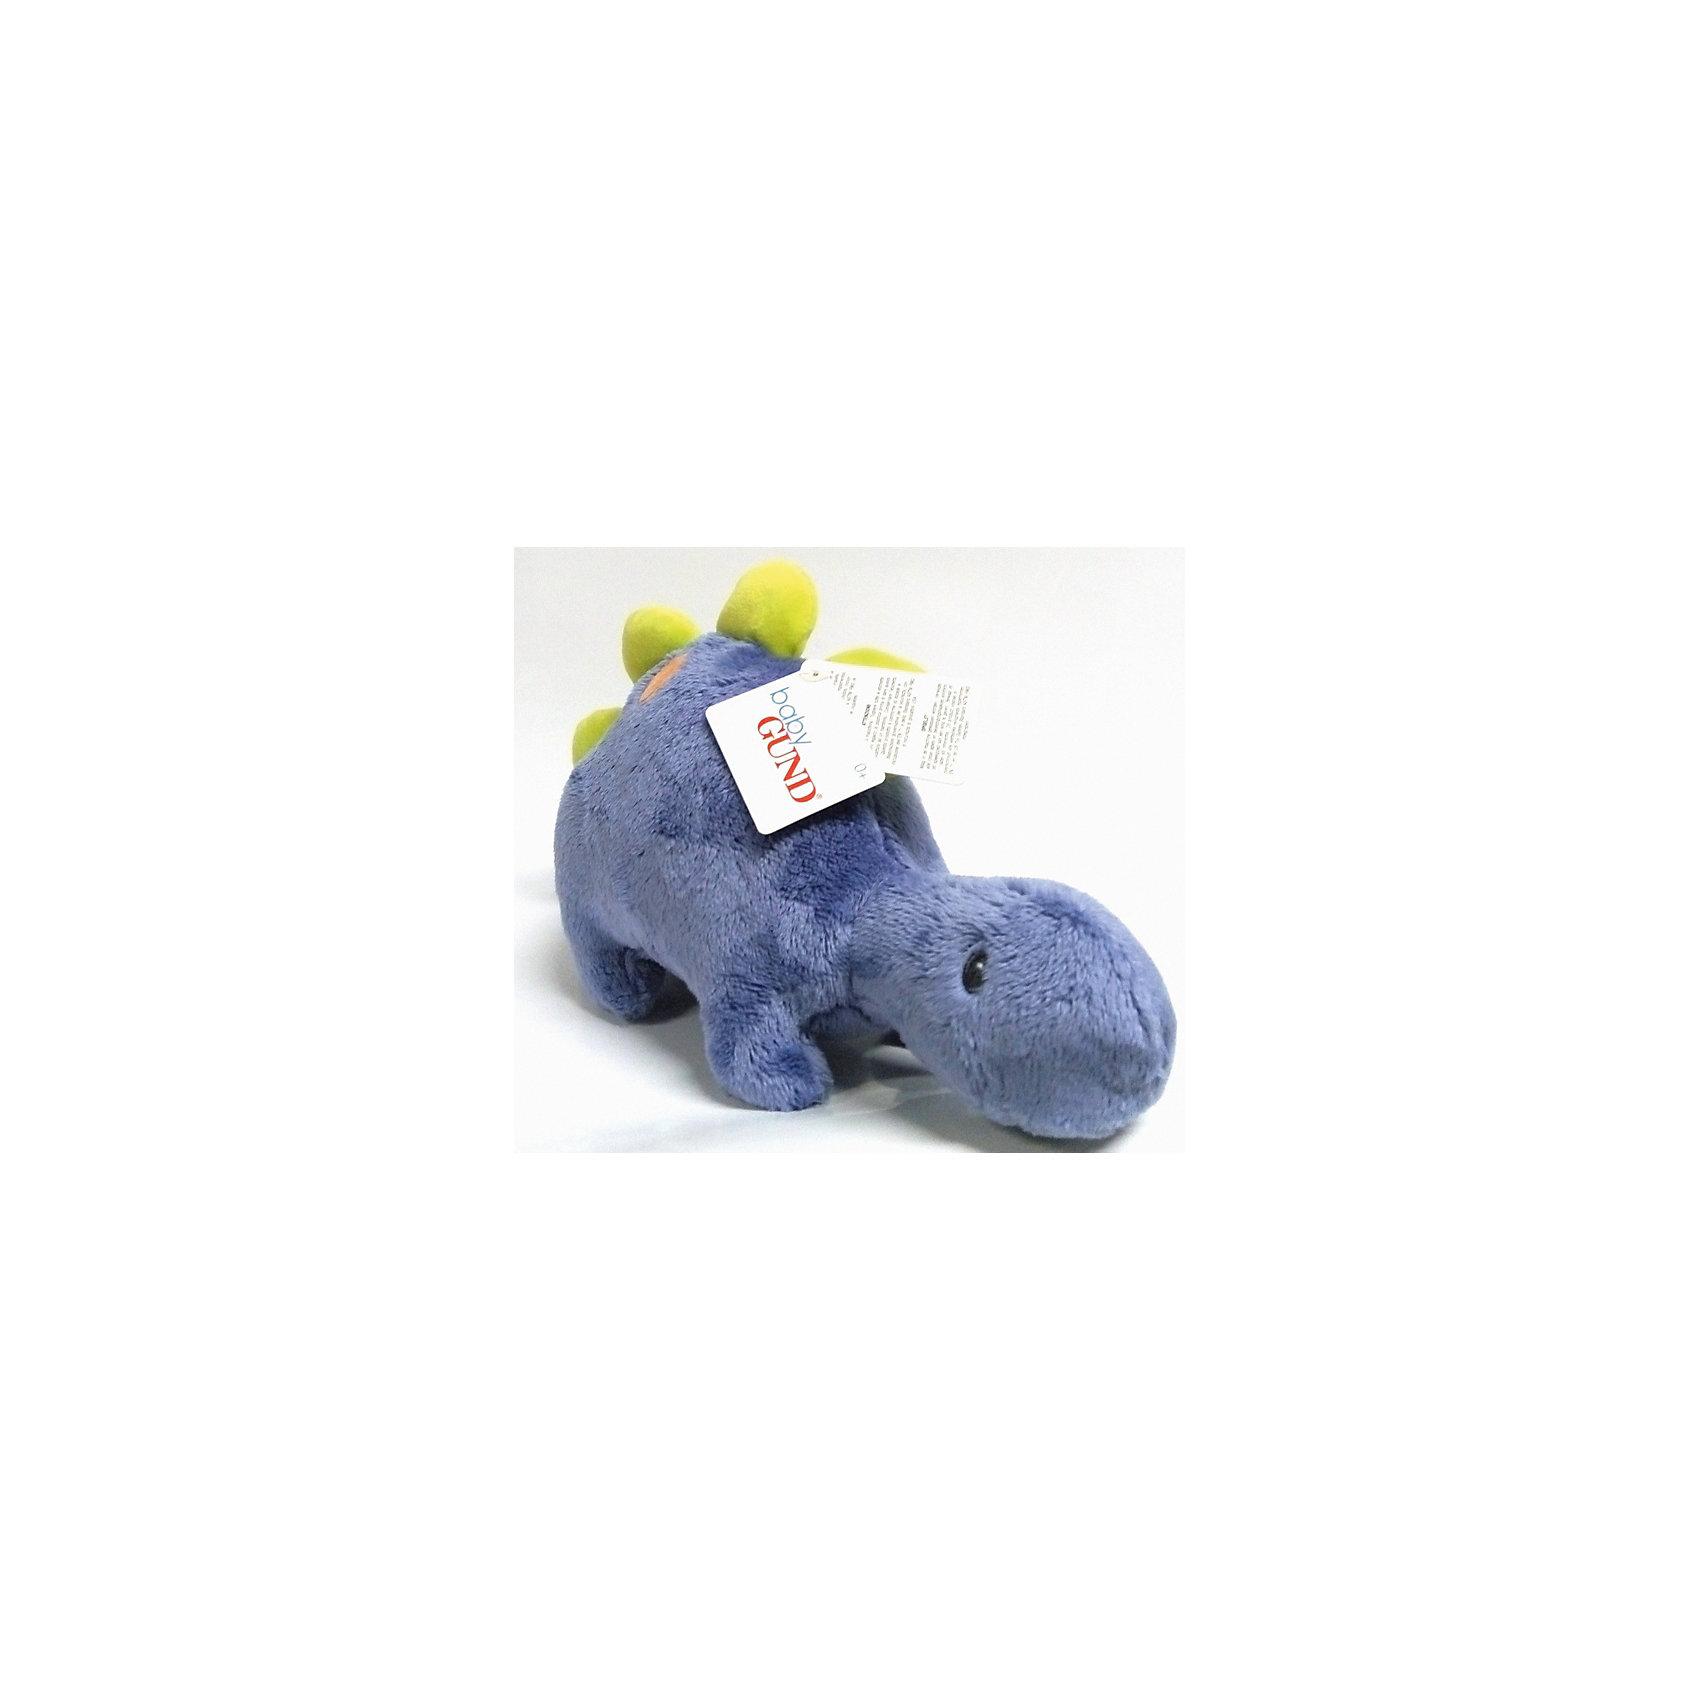 Динозаврик Orgh, 19 см, GundЗвери и птицы<br>Динозаврик Orgh, Gund - чудесная мягкая игрушка, которой будут рады дети любого возраста. Динозаврик выполнен из мягкого, приятного на ощупь материала. У него сиреневая шерстка, добродушная мордочка и зеленые чешуйки на спине. Игрушка аккуратно сшита и отличается высоким качеством исполнения.<br><br>Дополнительная информация:<br><br>- Материал: искусственный мех, текстиль.<br>- Высота игрушки: 19 см.<br>- Размер игрушки: 29 х 10 х 19 см.<br>- Вес: 0,15 кг. <br><br>Динозаврика Orgh, 19 см., Gund, можно купить в нашем интернет-магазине.<br><br>Ширина мм: 330<br>Глубина мм: 100<br>Высота мм: 190<br>Вес г: 150<br>Возраст от месяцев: 36<br>Возраст до месяцев: 120<br>Пол: Унисекс<br>Возраст: Детский<br>SKU: 4241898